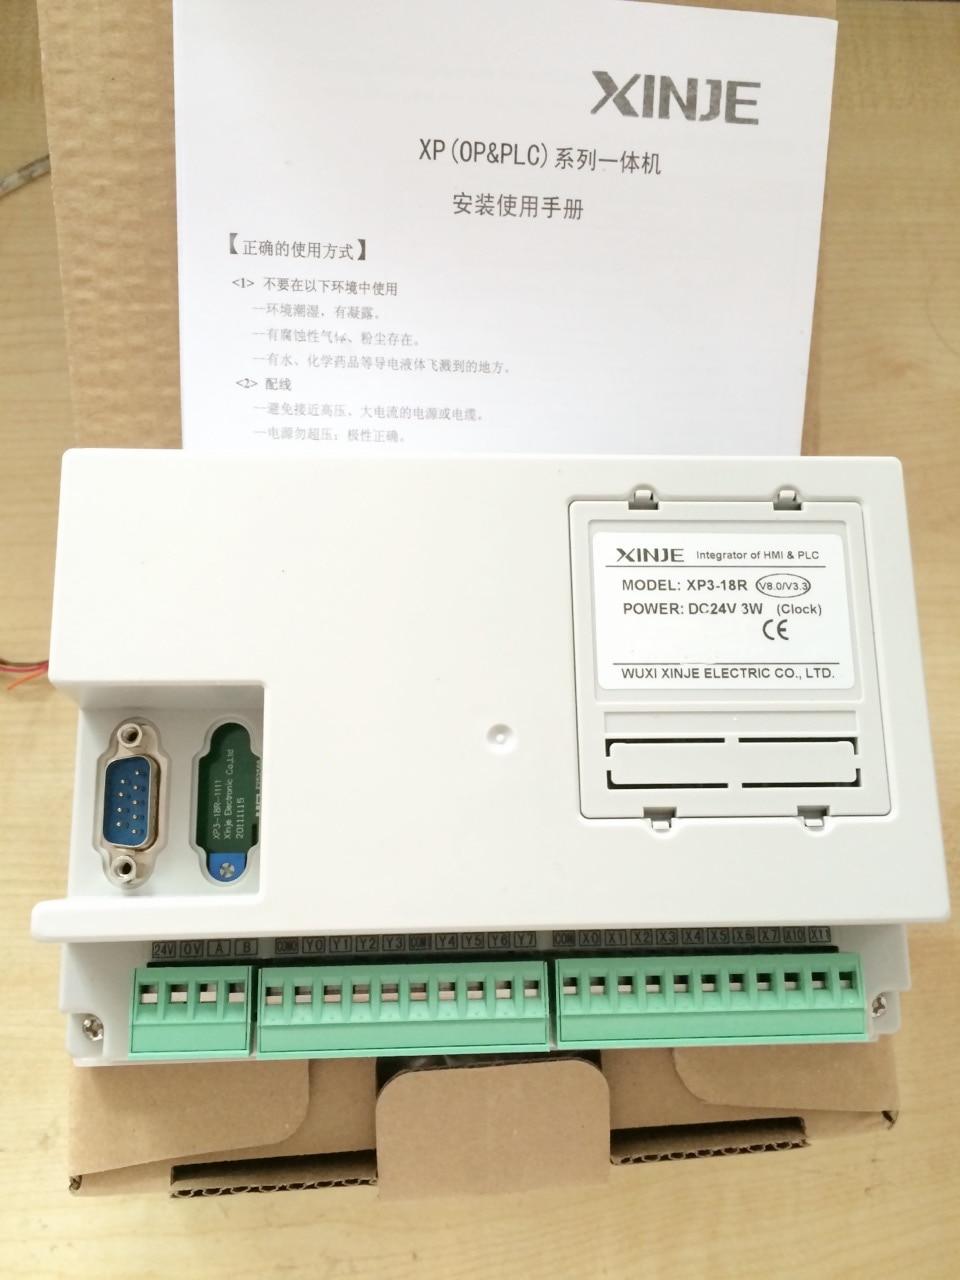 XP3-18RT XINJE Integrator of PLC/&HMI OP330 operate panel XC3 10DI//8DO new in box